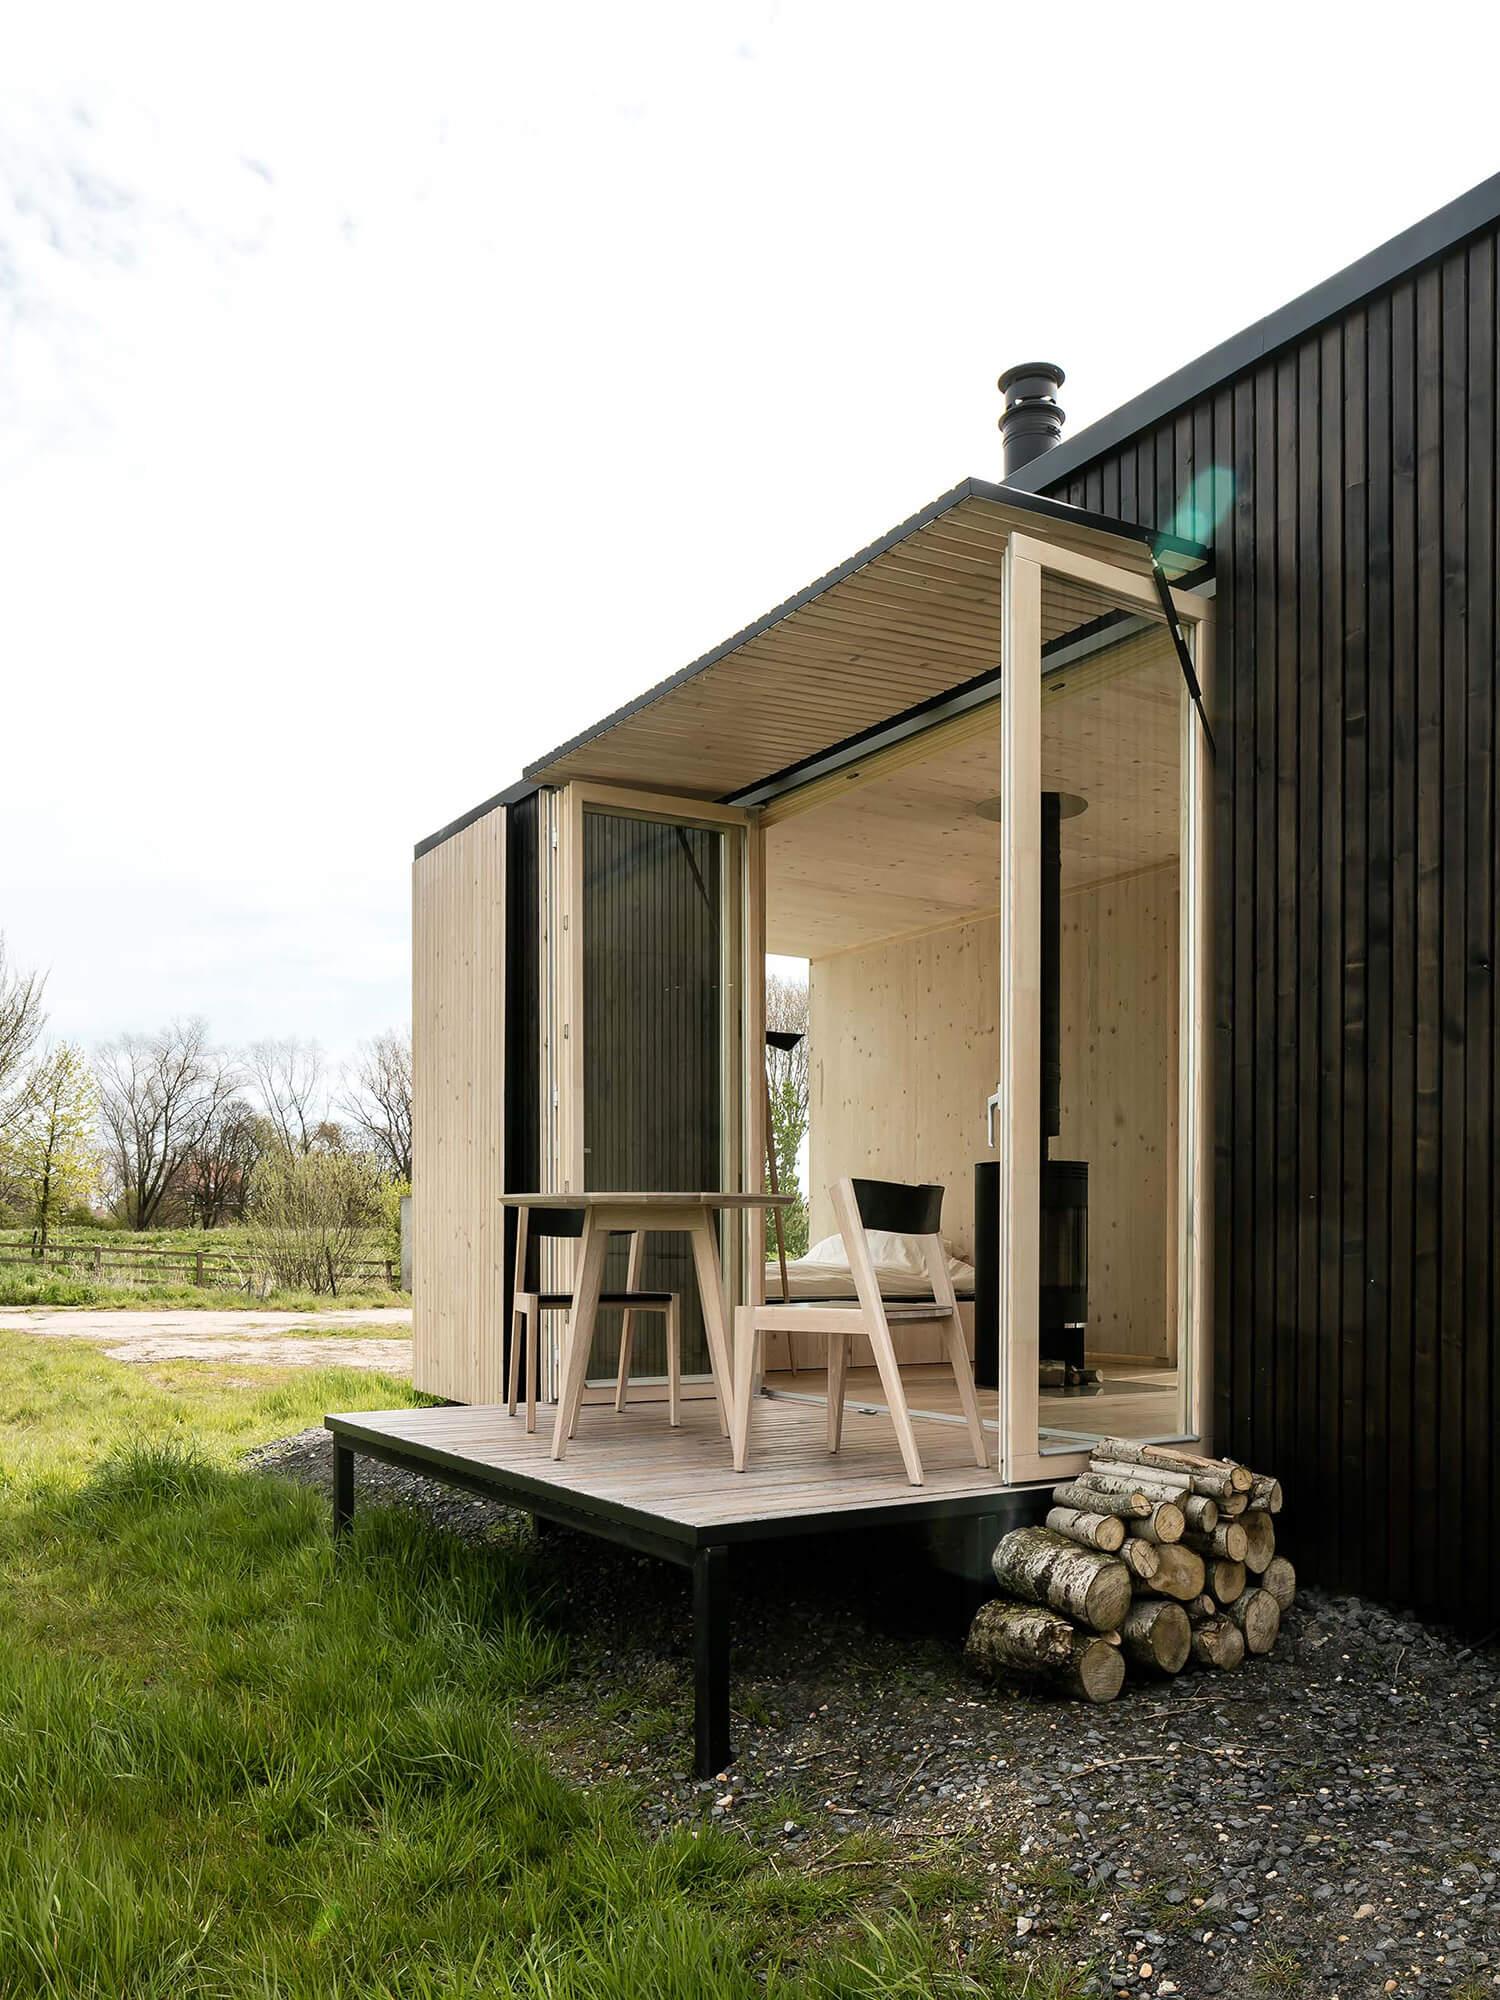 est living ark shelter exterior